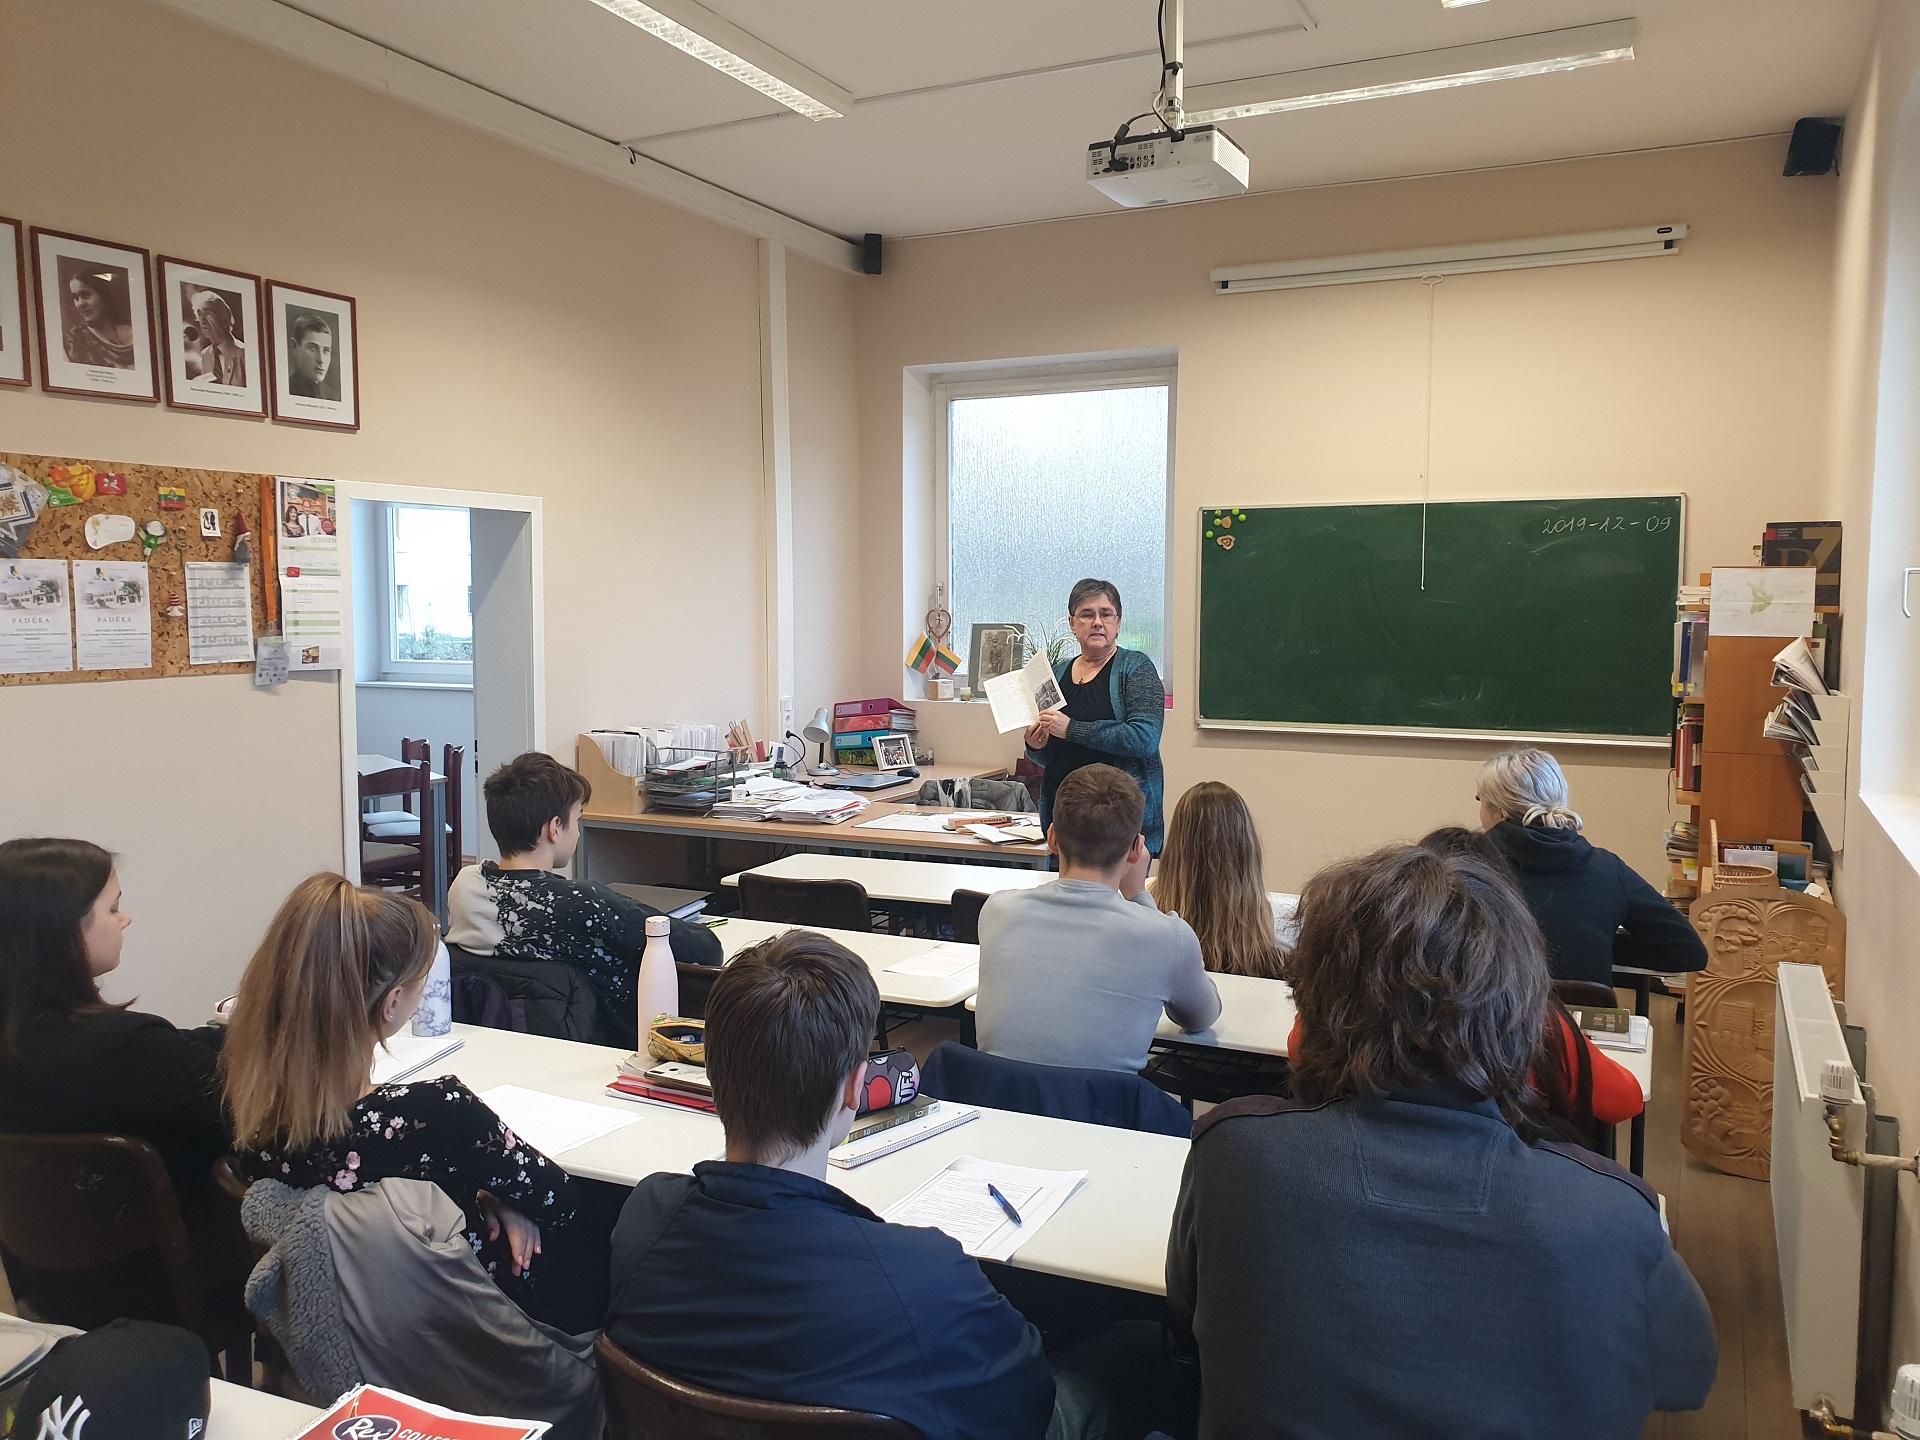 Unterricht zum Anlass des 70. Jubiläums des Privaten Litauischen Gymnasiums und des 30. Jahrestages der Wiederherstellung der Unabhängigkeit Litauens